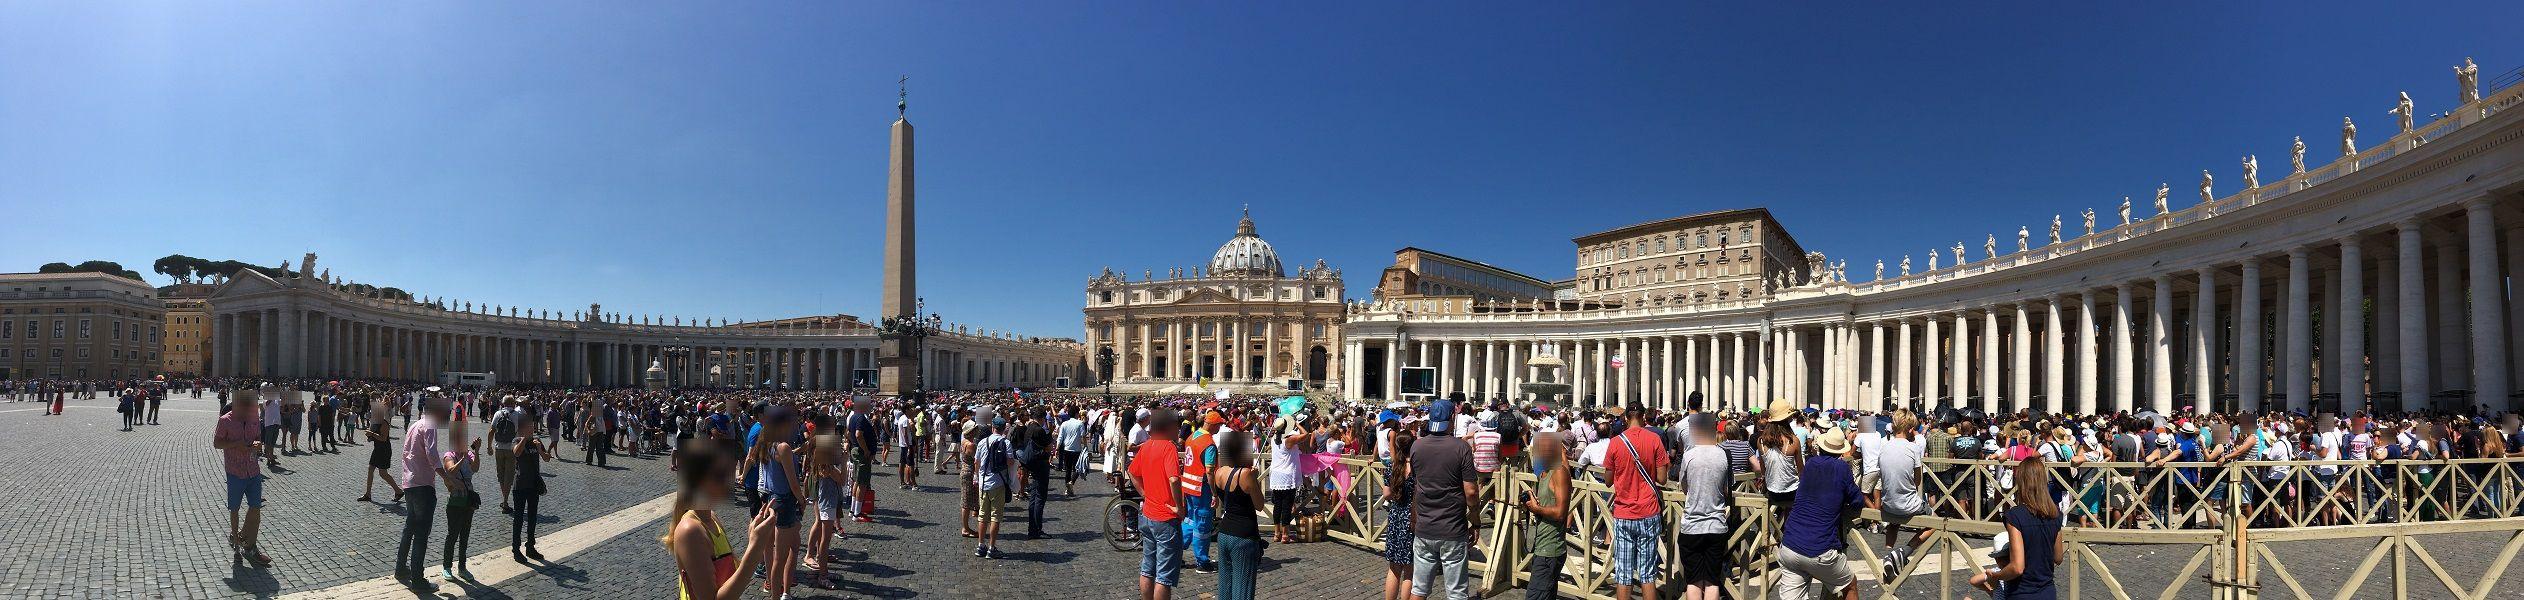 イタリア ローマ バチカン市国 パノラマ撮影